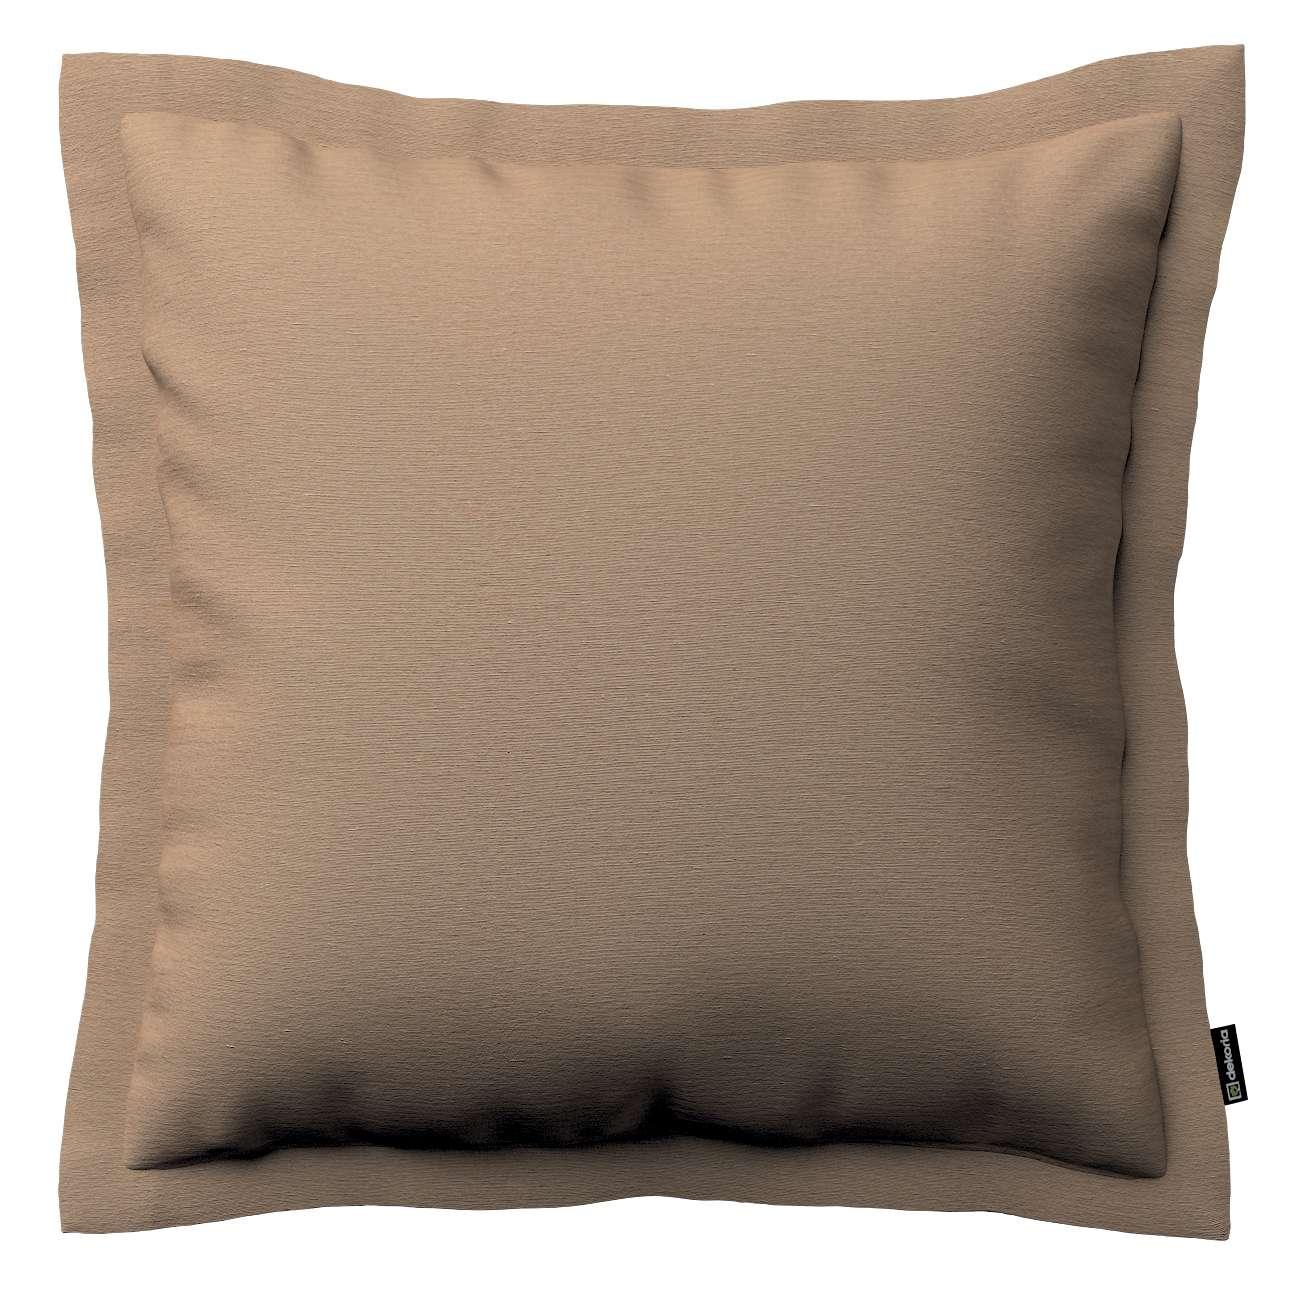 Mona dekoratyvinių pagalvėlių užvalkalas su sienele 38 x 38 cm kolekcijoje Quadro, audinys: 136-09